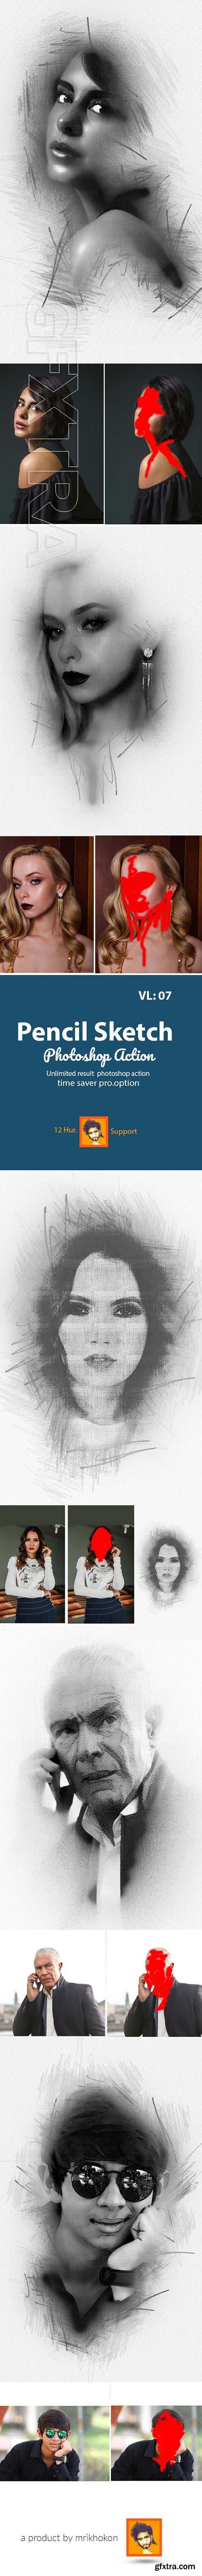 GraphicRiver - Pencil Sketch Photoshop Action 23048429